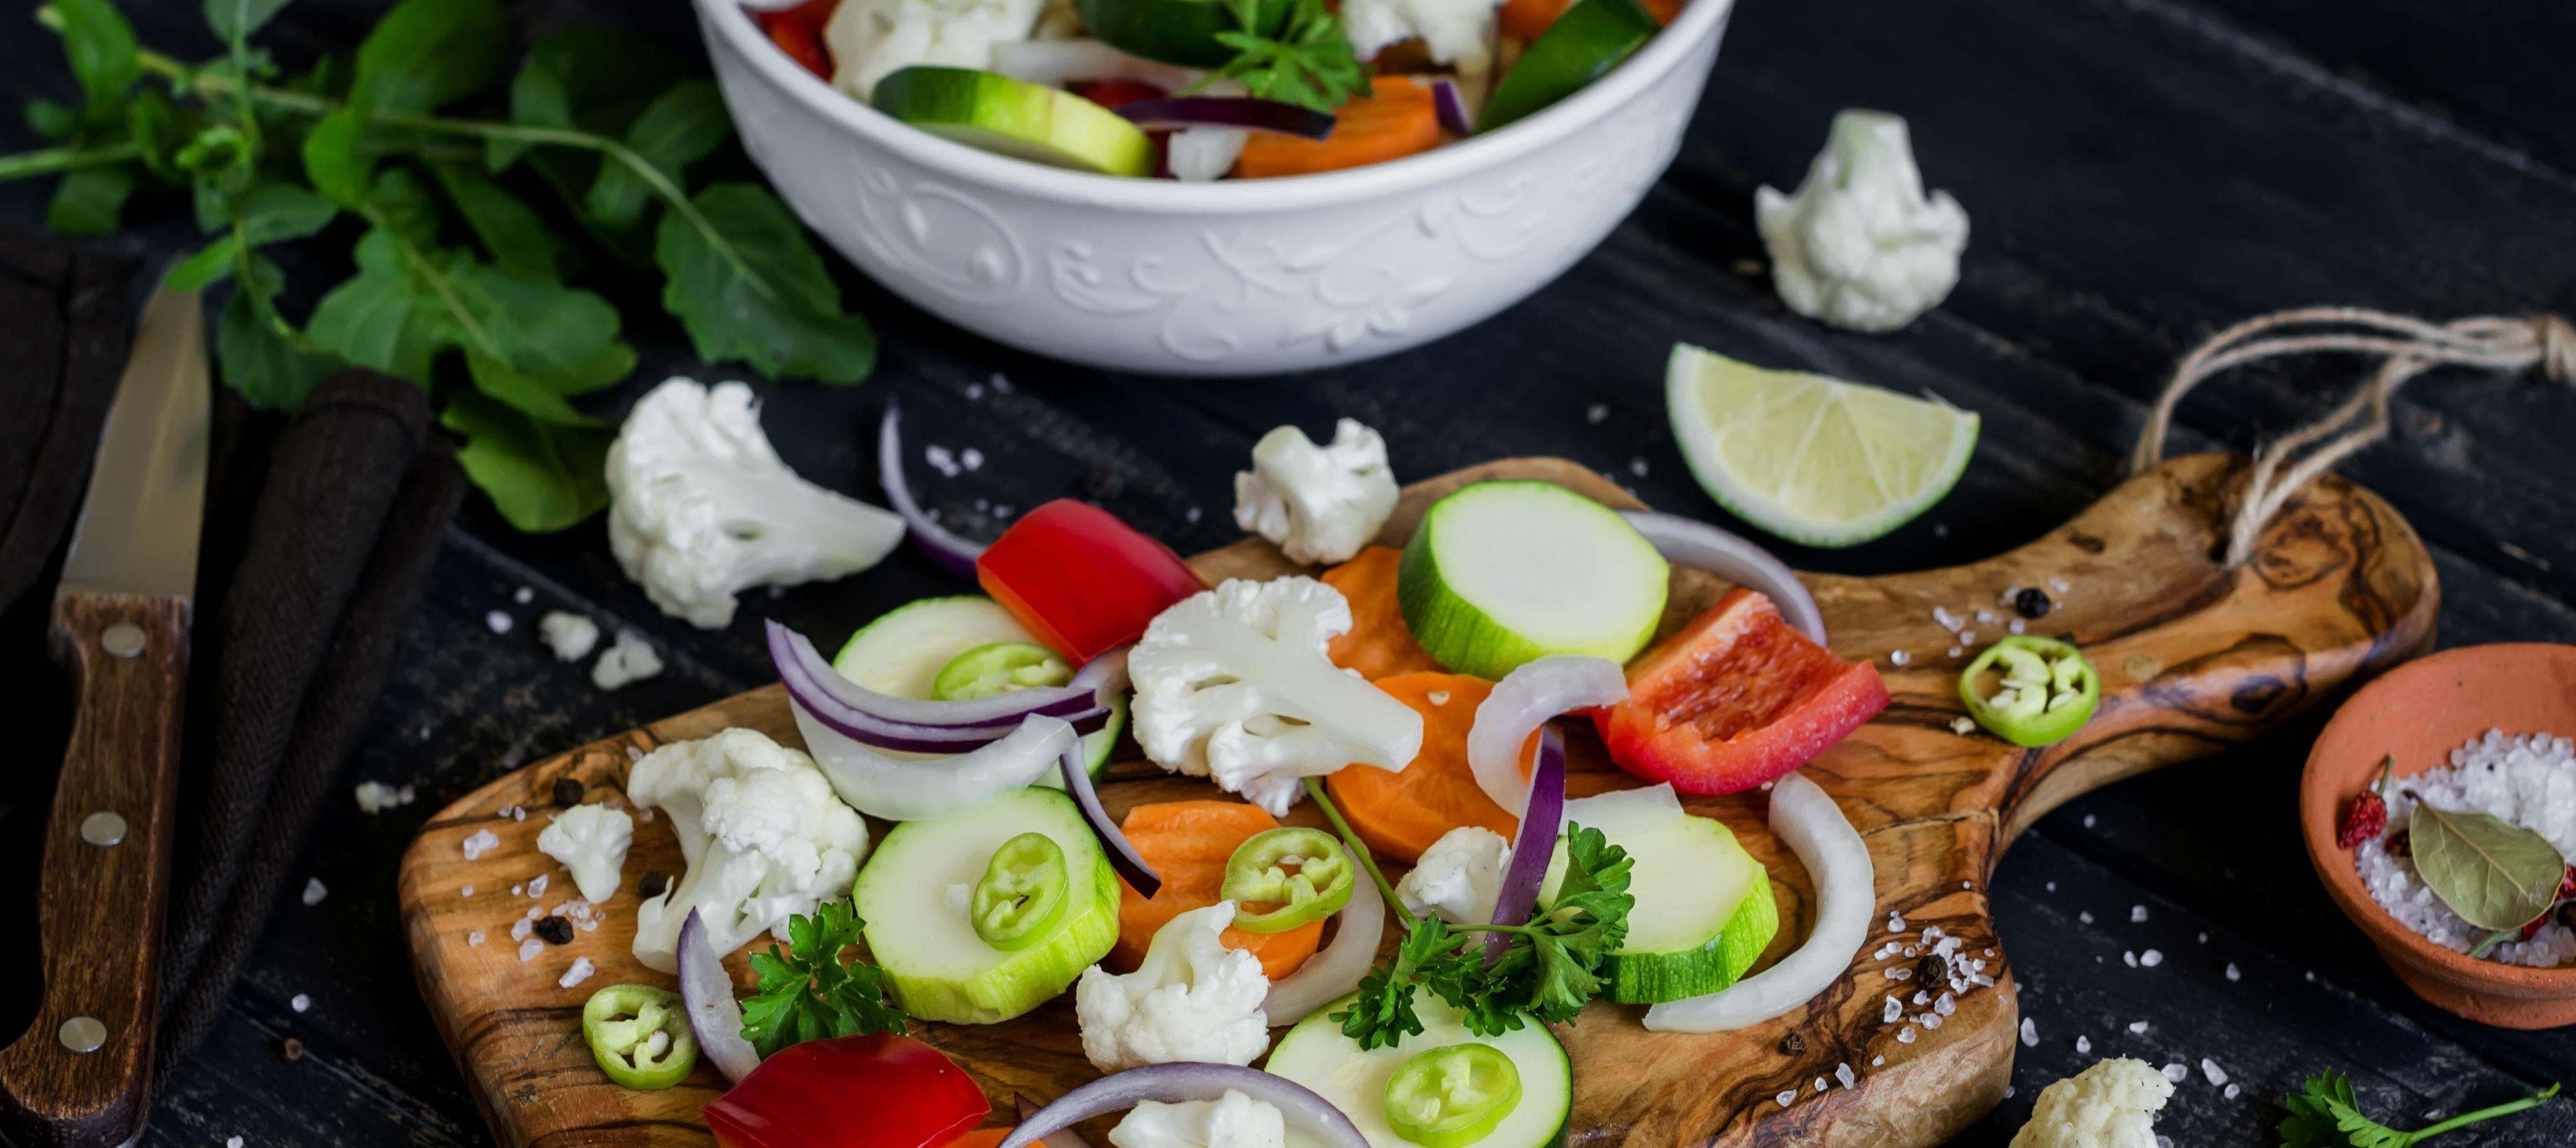 Рейтинг лучших вегетарианских заведений Екатеринбурга в 2020 году